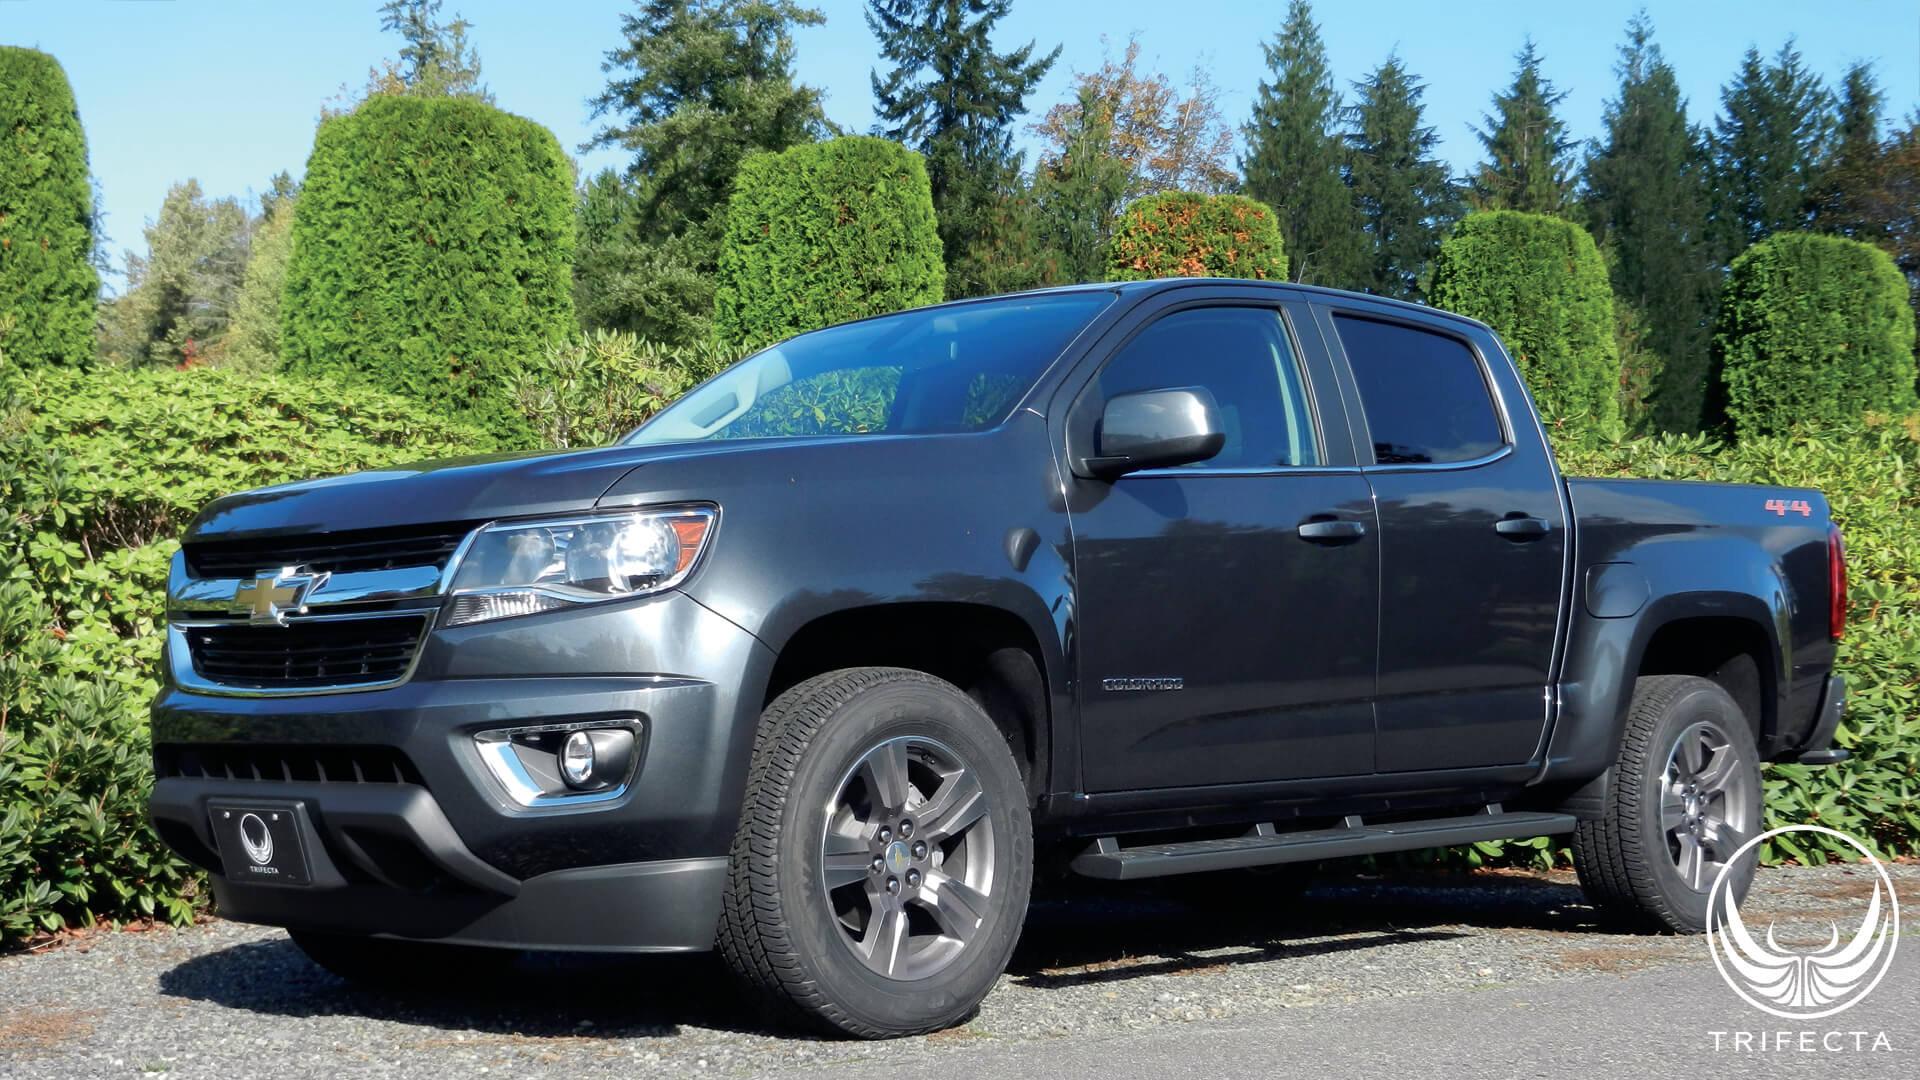 Product Review: 2015--2016 Chevrolet Colorado - 3.6L - Advantage